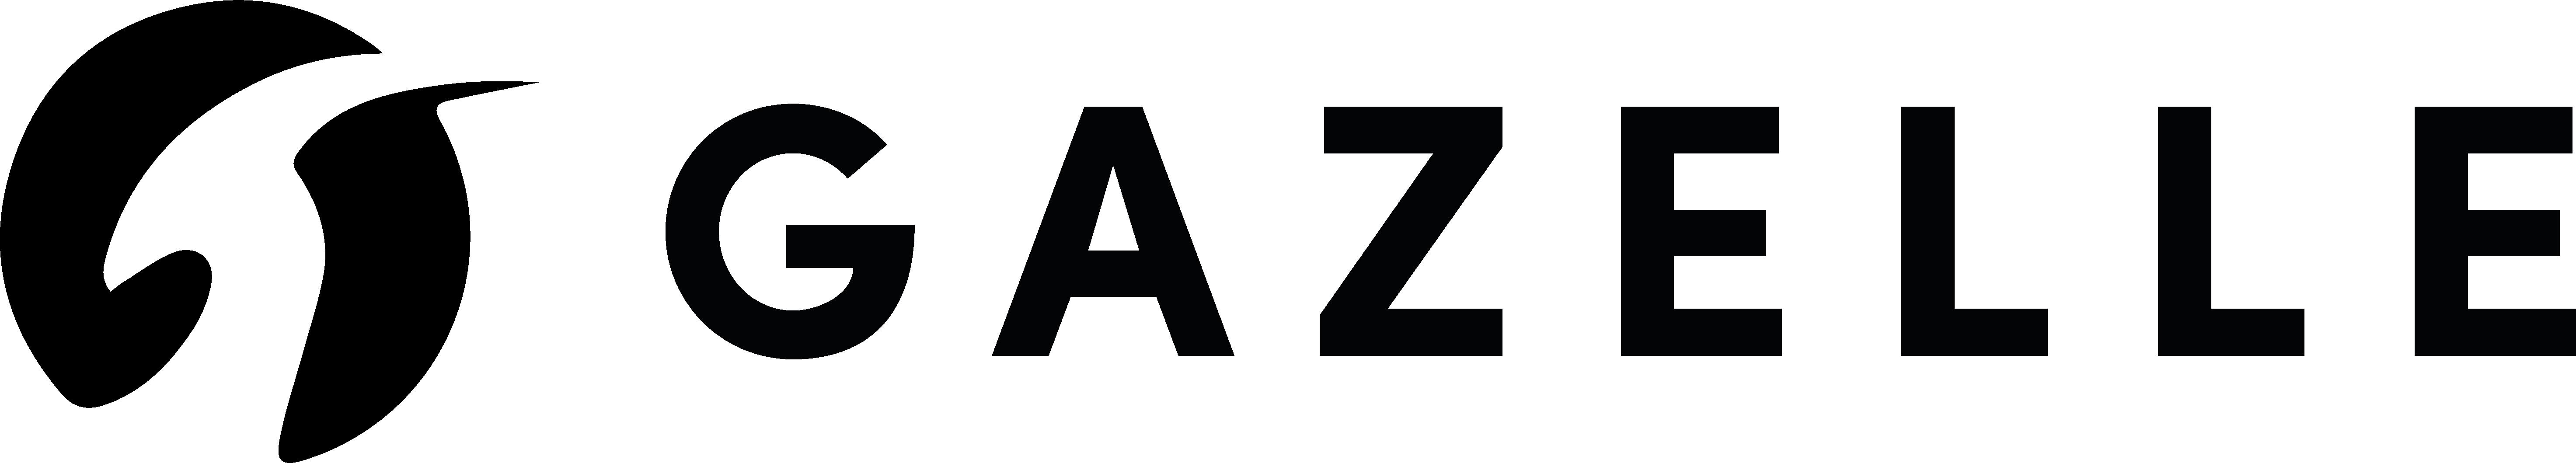 Logo-hårdt-beskåret-gennemsigtig.png